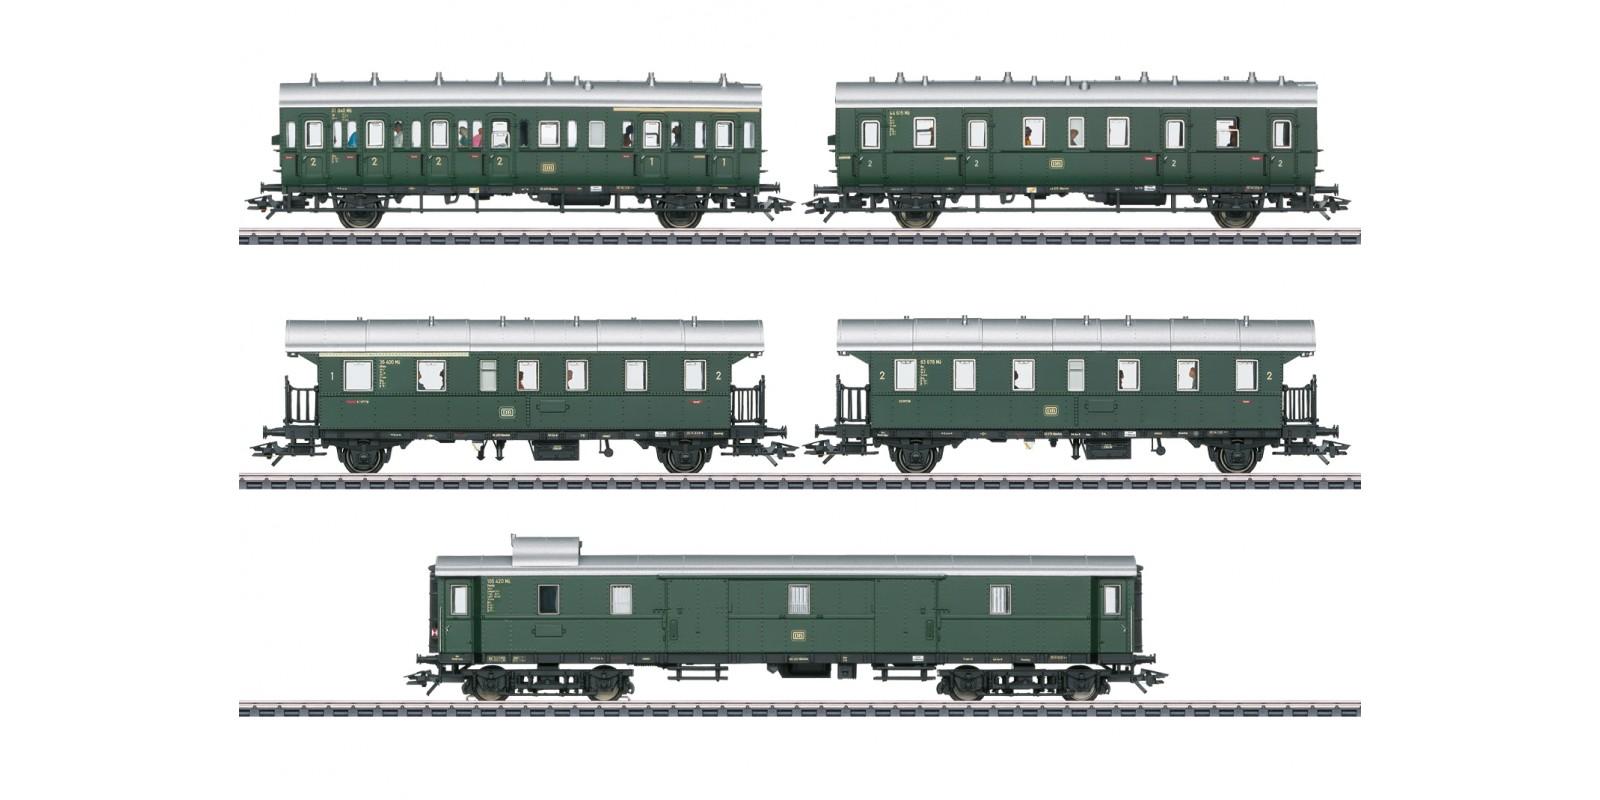 43144 Passenger Car Set for the Cla